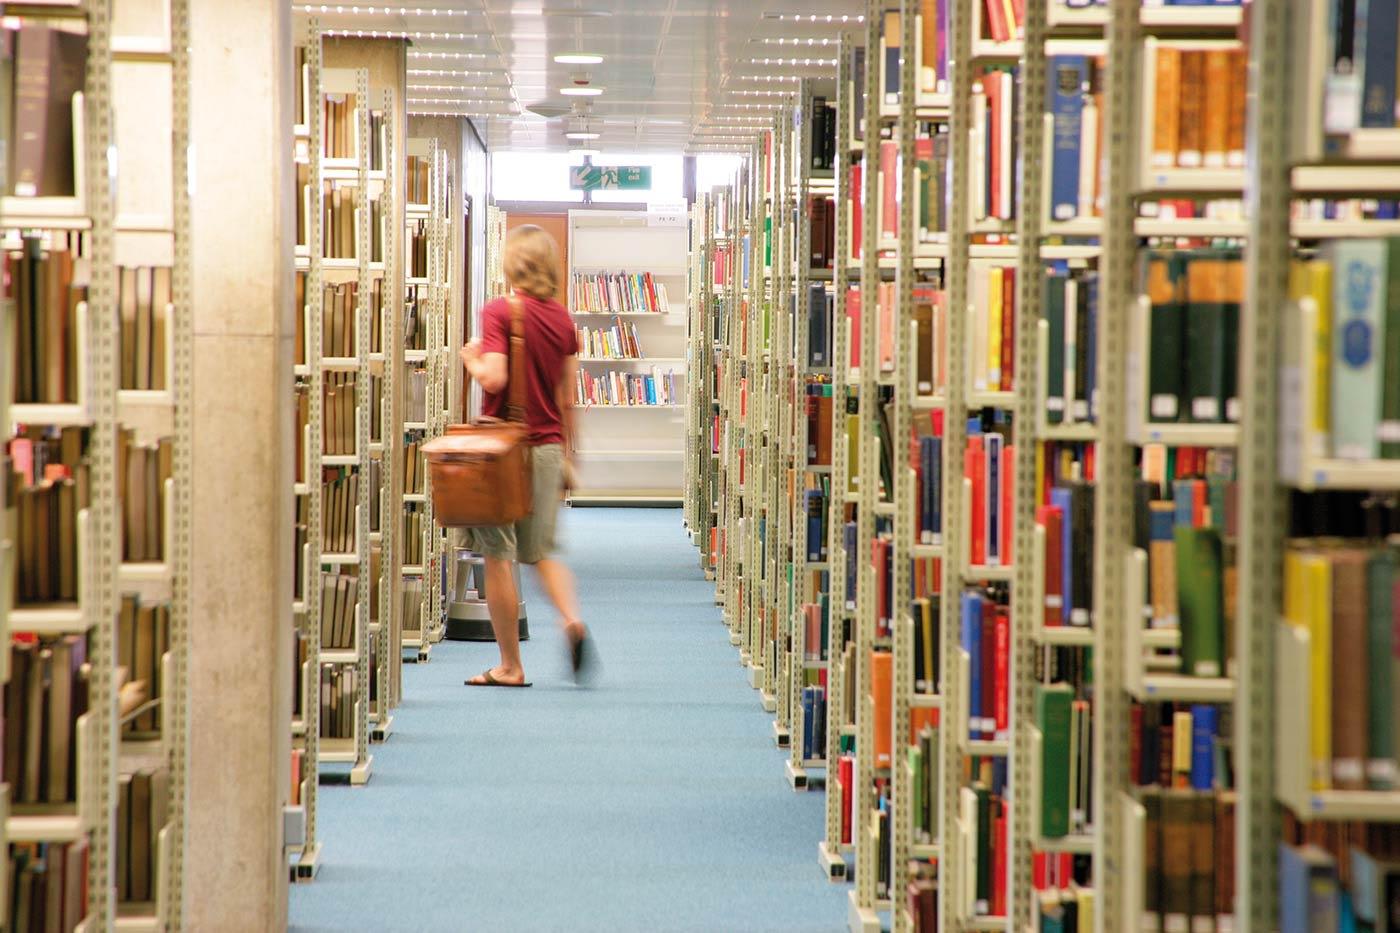 充分利用24小时全天候开放的大学图书馆